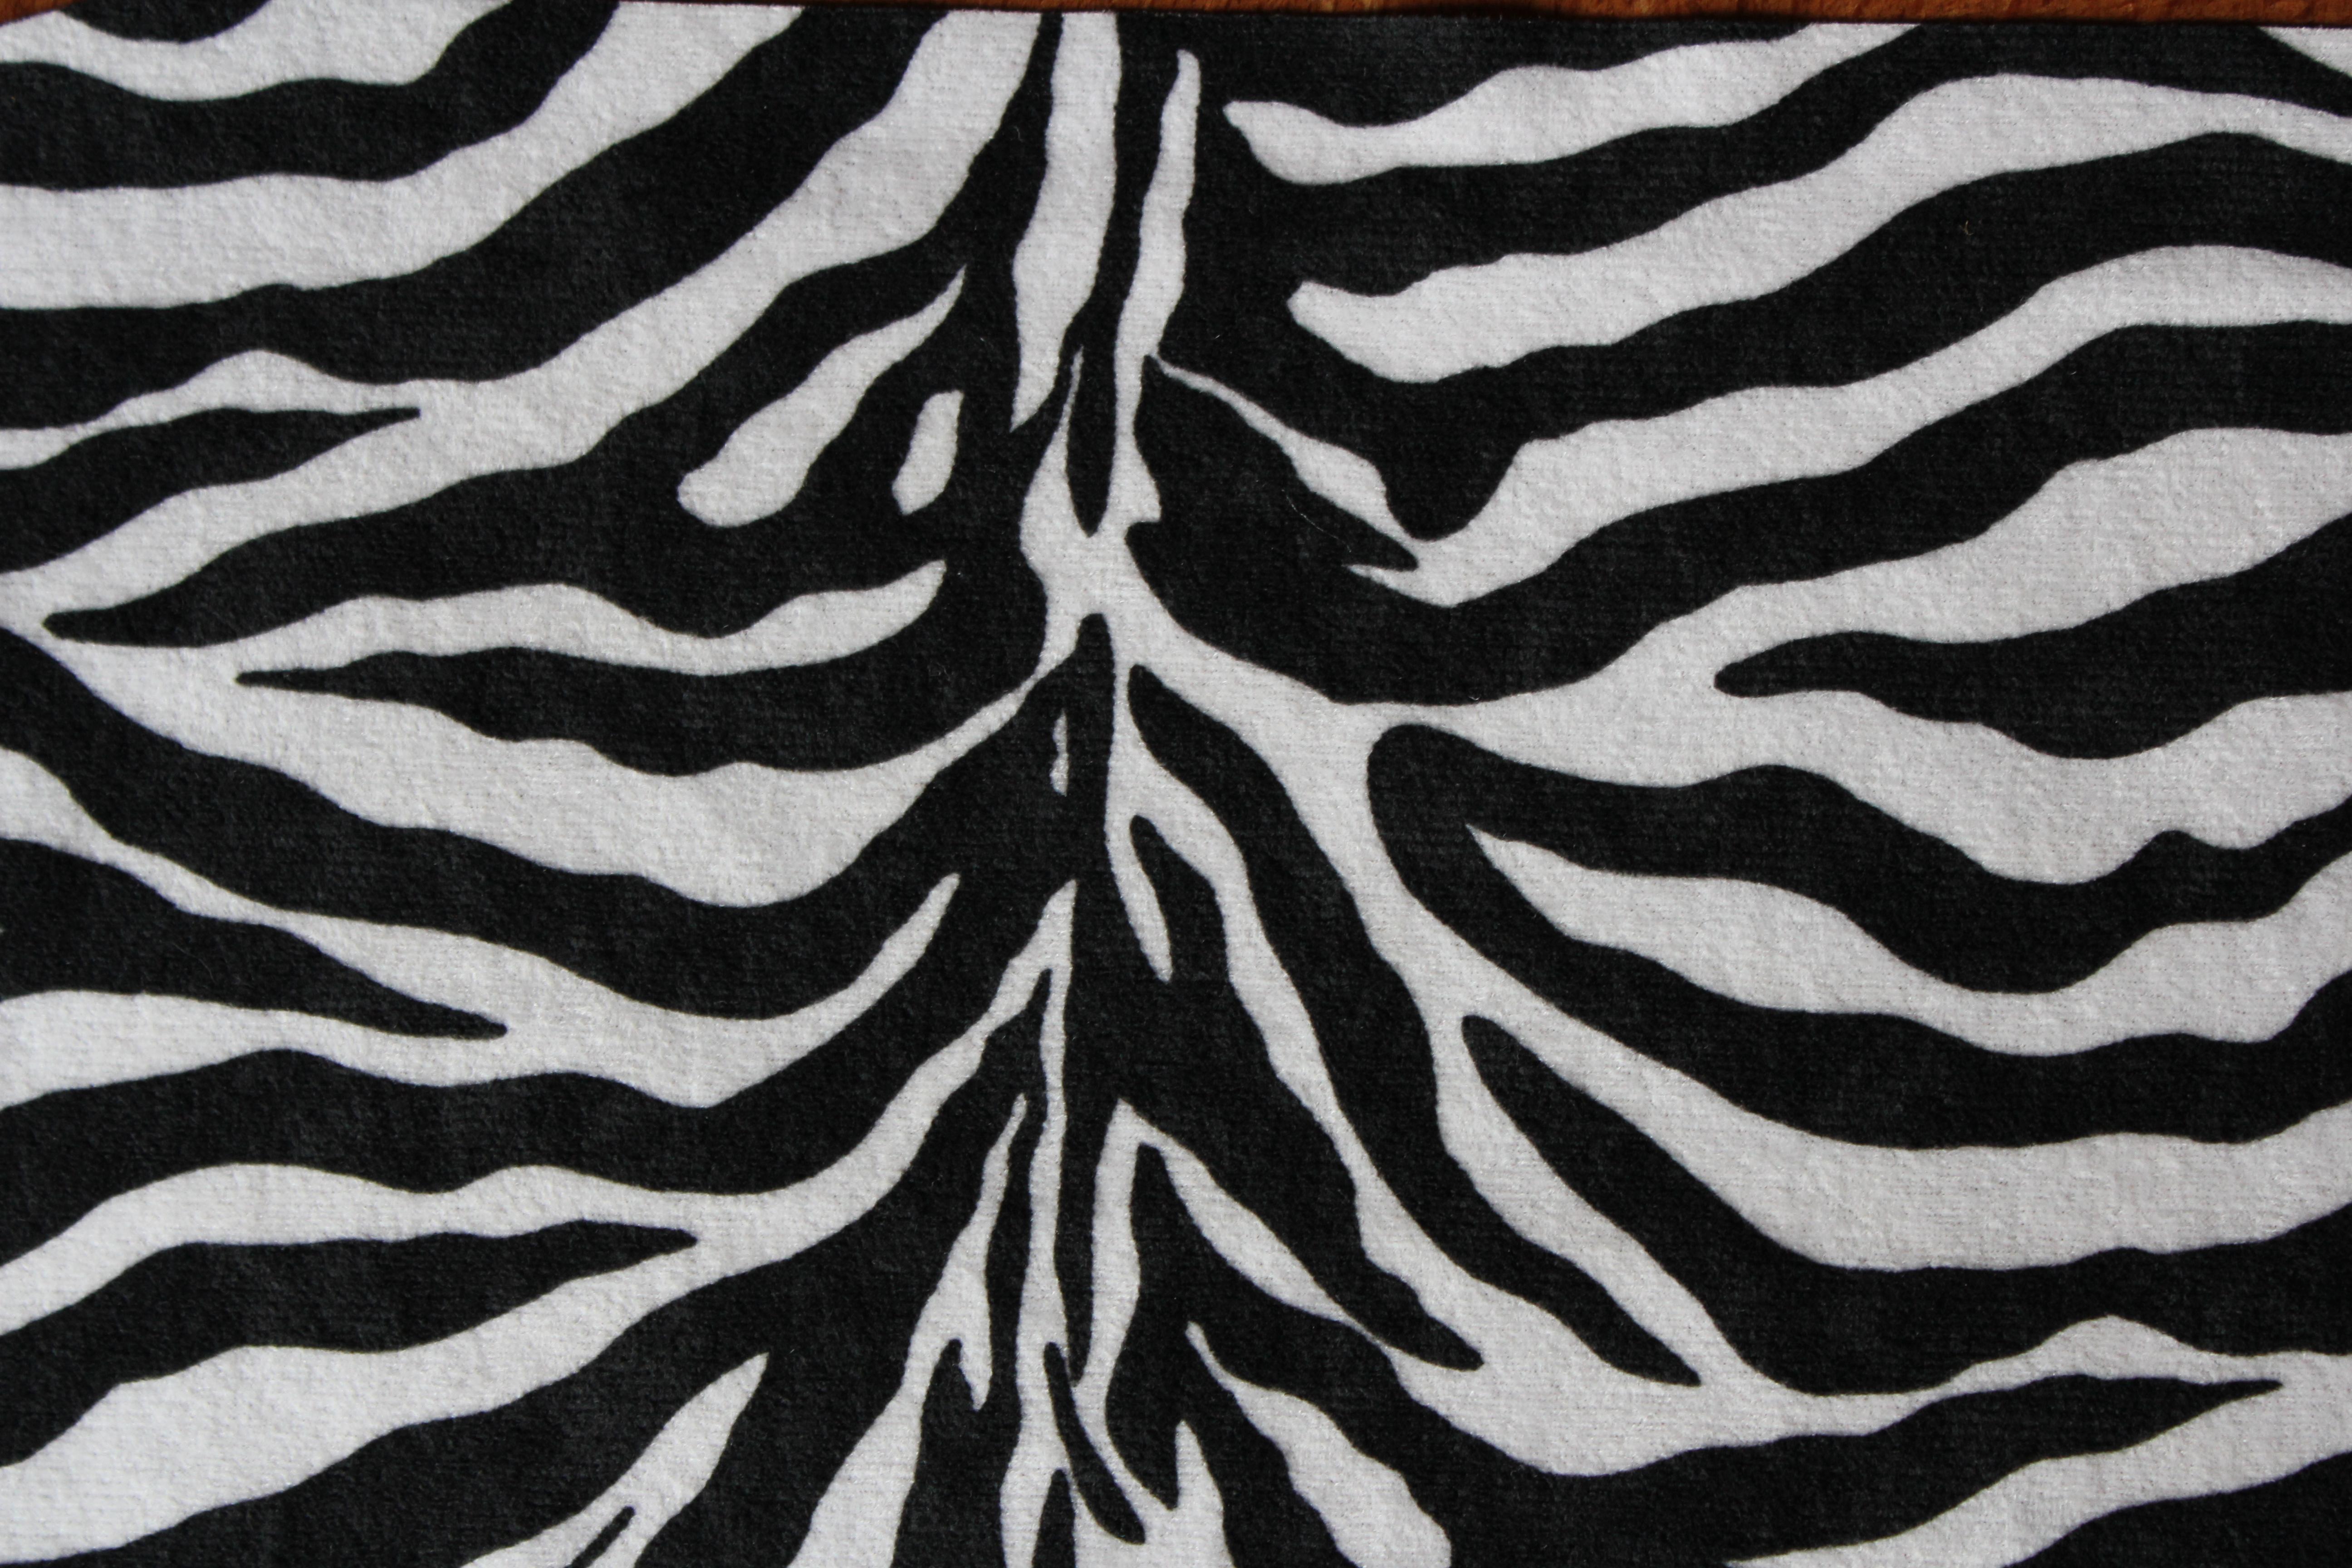 Black and white zebra print background